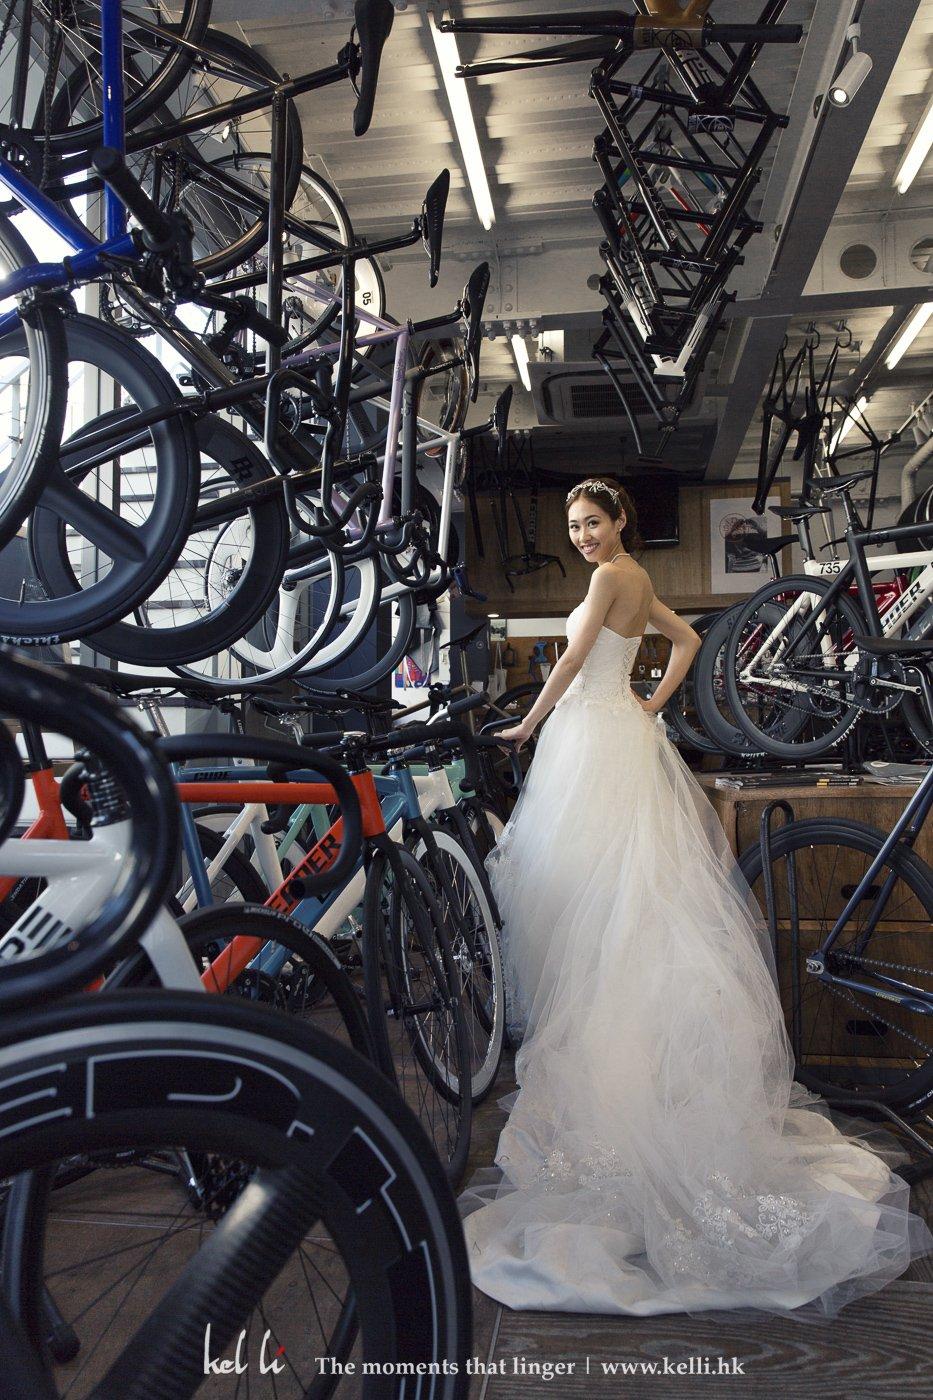 我們在一家單車店裡借用場景來拍攝